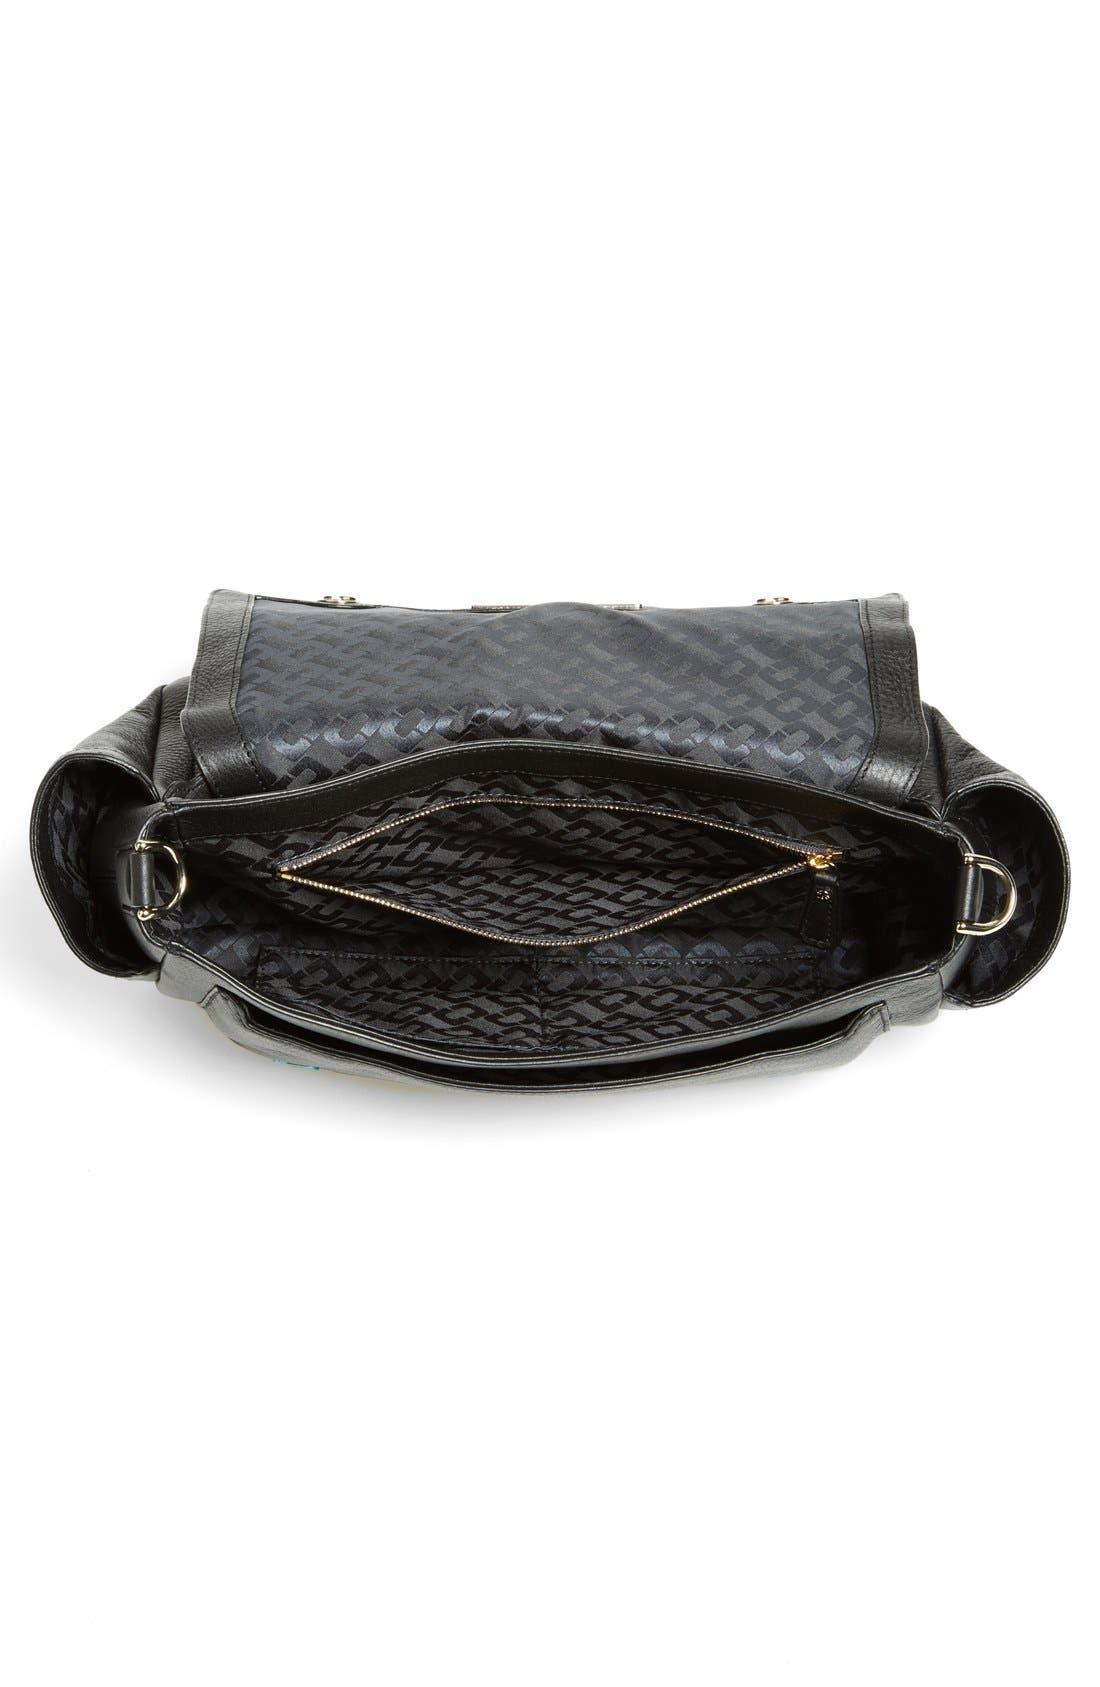 Alternate Image 3  - Diane von Furstenberg '440 Courier' Leather Top Handle Satchel